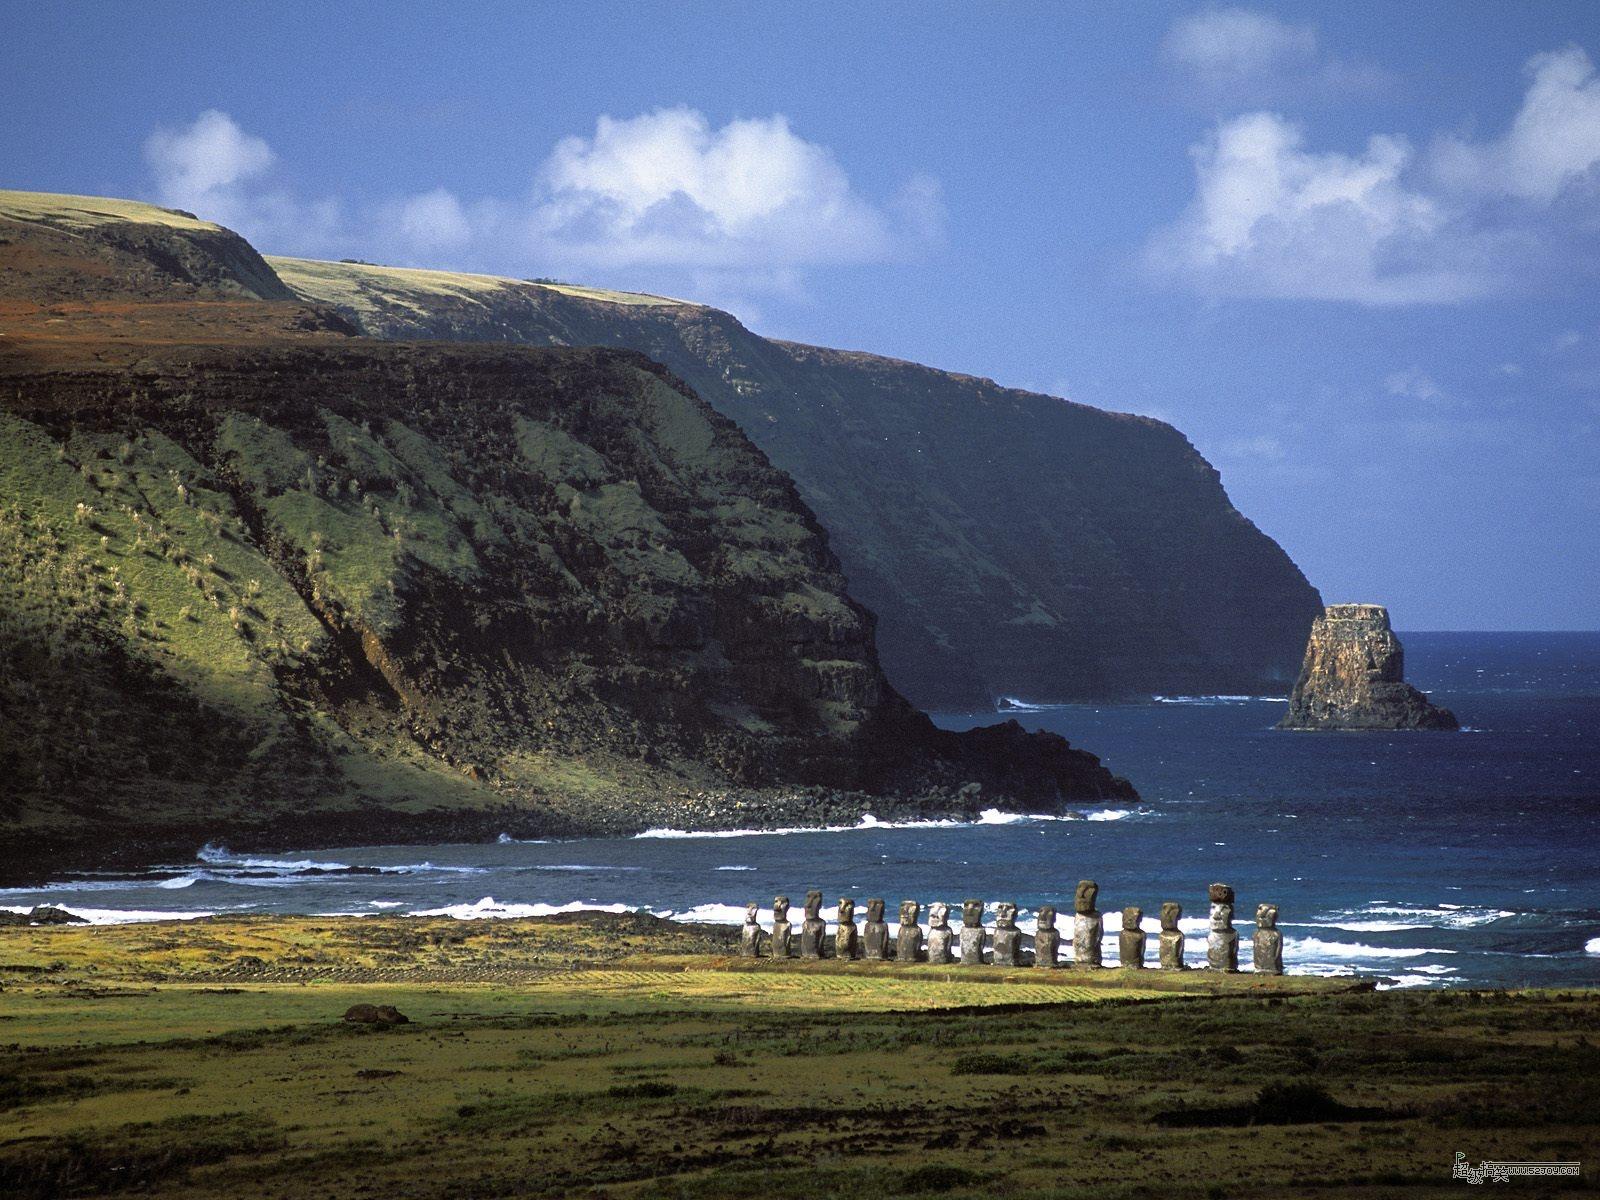 复活节岛是南太平洋中的一个岛屿,当地的语言称拉帕努伊岛,位于智利以西外海3000公里以外。复活节岛是世界上最与世隔绝的岛屿之一,离其最近有人定居的皮特凯恩群岛也有两千多公里距离。该岛形状近似呈一三角形,由三座火山组成,与胡安•费尔南德斯群岛并为智利在南太平洋的两个属地。复活节岛以数百尊充满神秘的巨型石像闻名于世。 基本信息   智利在东太平洋的属岛,是波利尼西亚群岛中最东端的岛屿。以其巨大的石雕像驰名于世。该岛孤悬于海上,西距皮特肯岛(Pitcairn Island)1,900公里(1,200